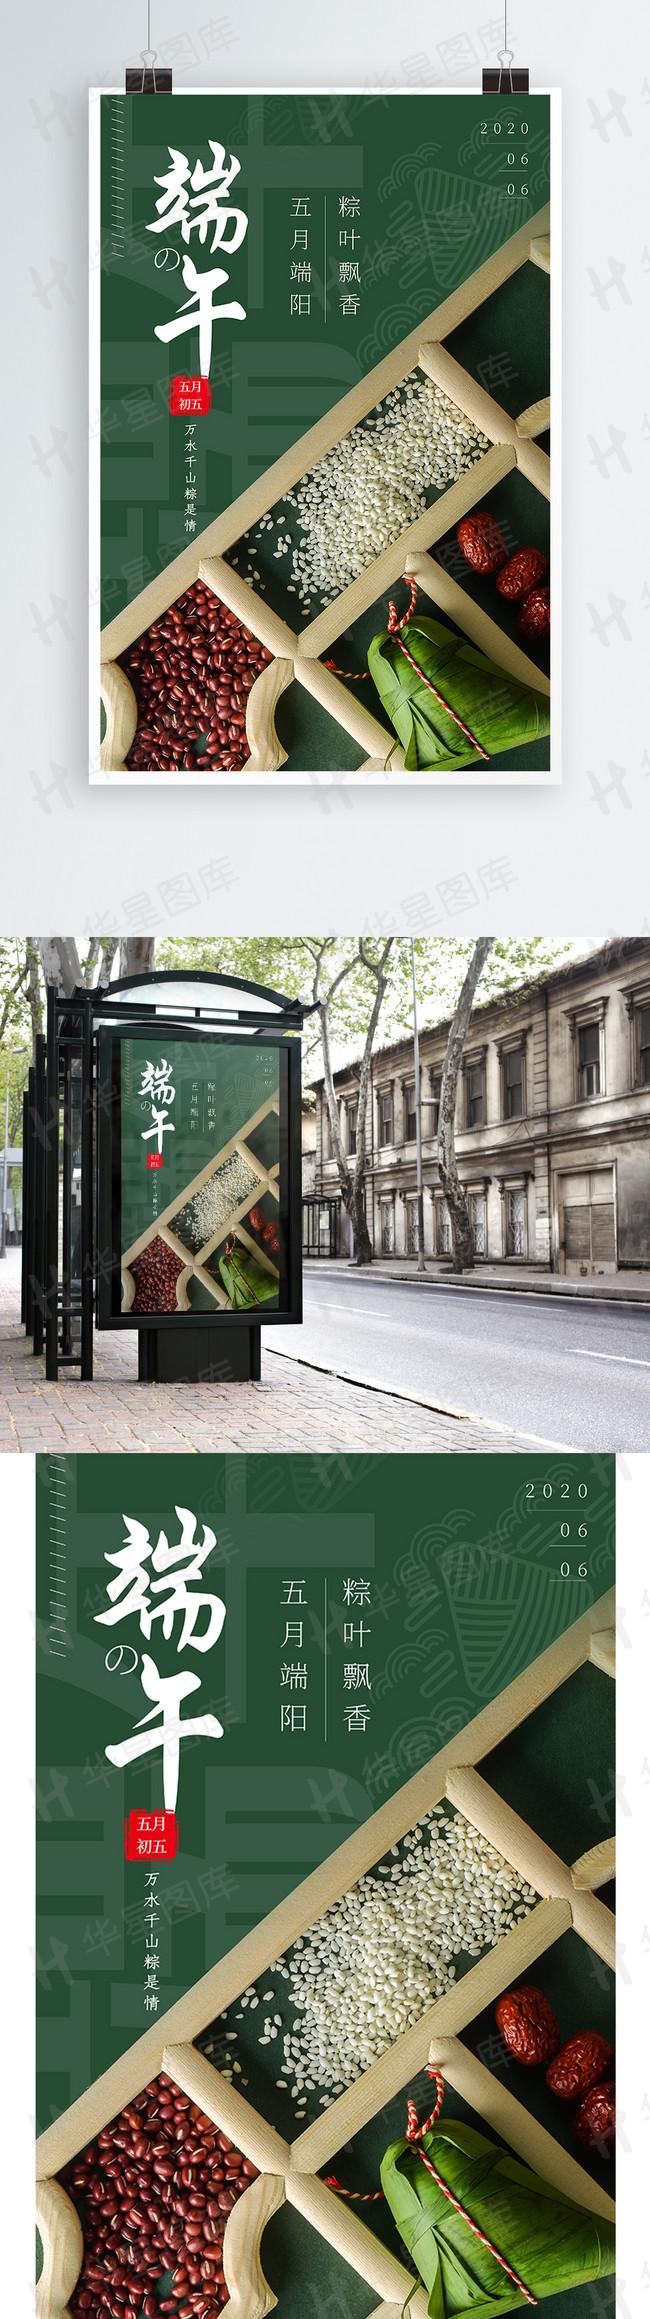 大气端午味道端午节宣传海报绿色粽子简约大气创意(1)